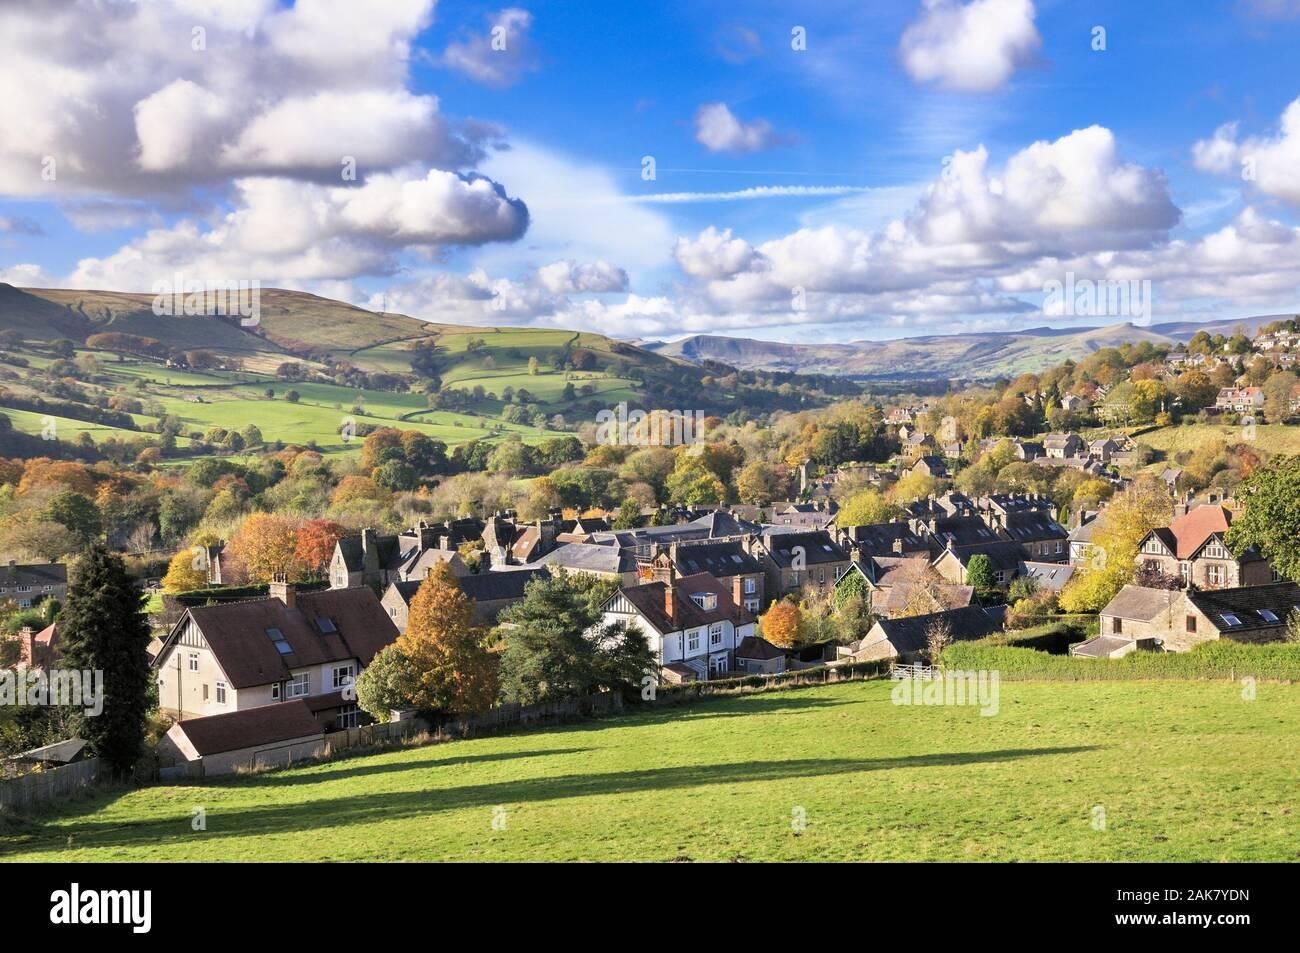 Un soleado paisaje escénico vista de la aldea de Hathersage y Esperanza Valle hacia Mam Tor y perder Hill, Peak District National Park, Inglaterra, Reino Unido. Foto de stock